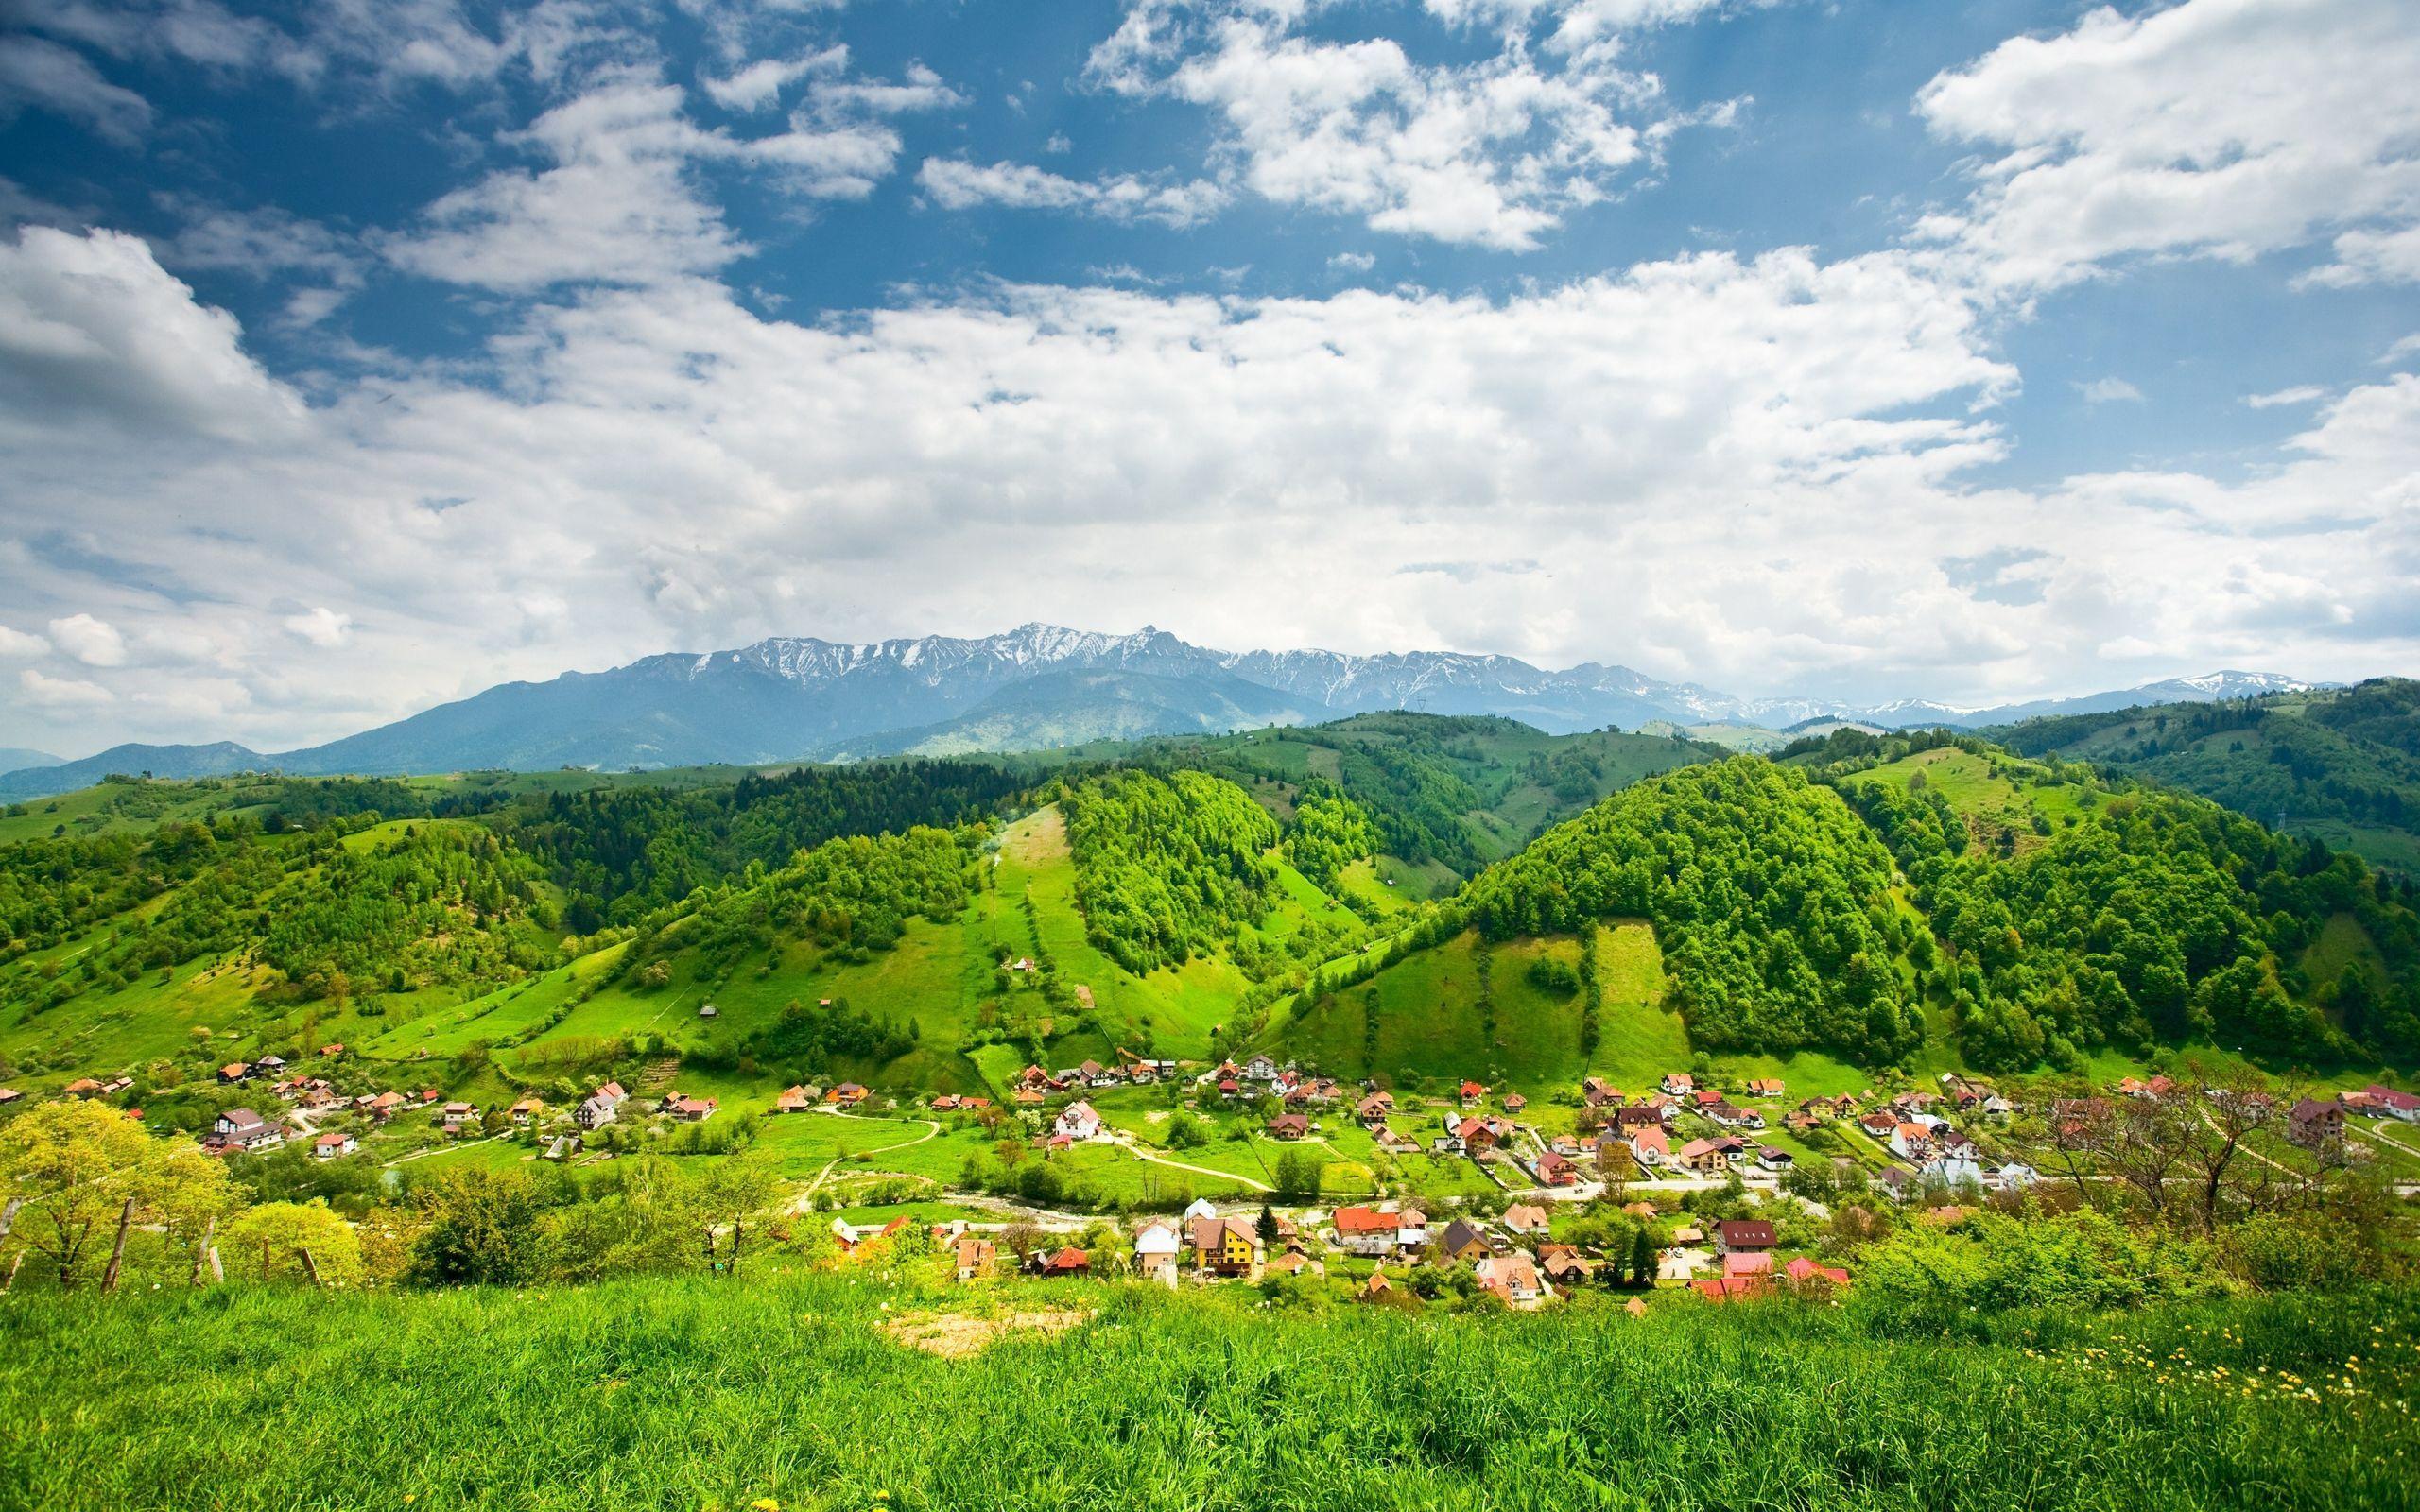 красочный город в горах  № 2347165 бесплатно